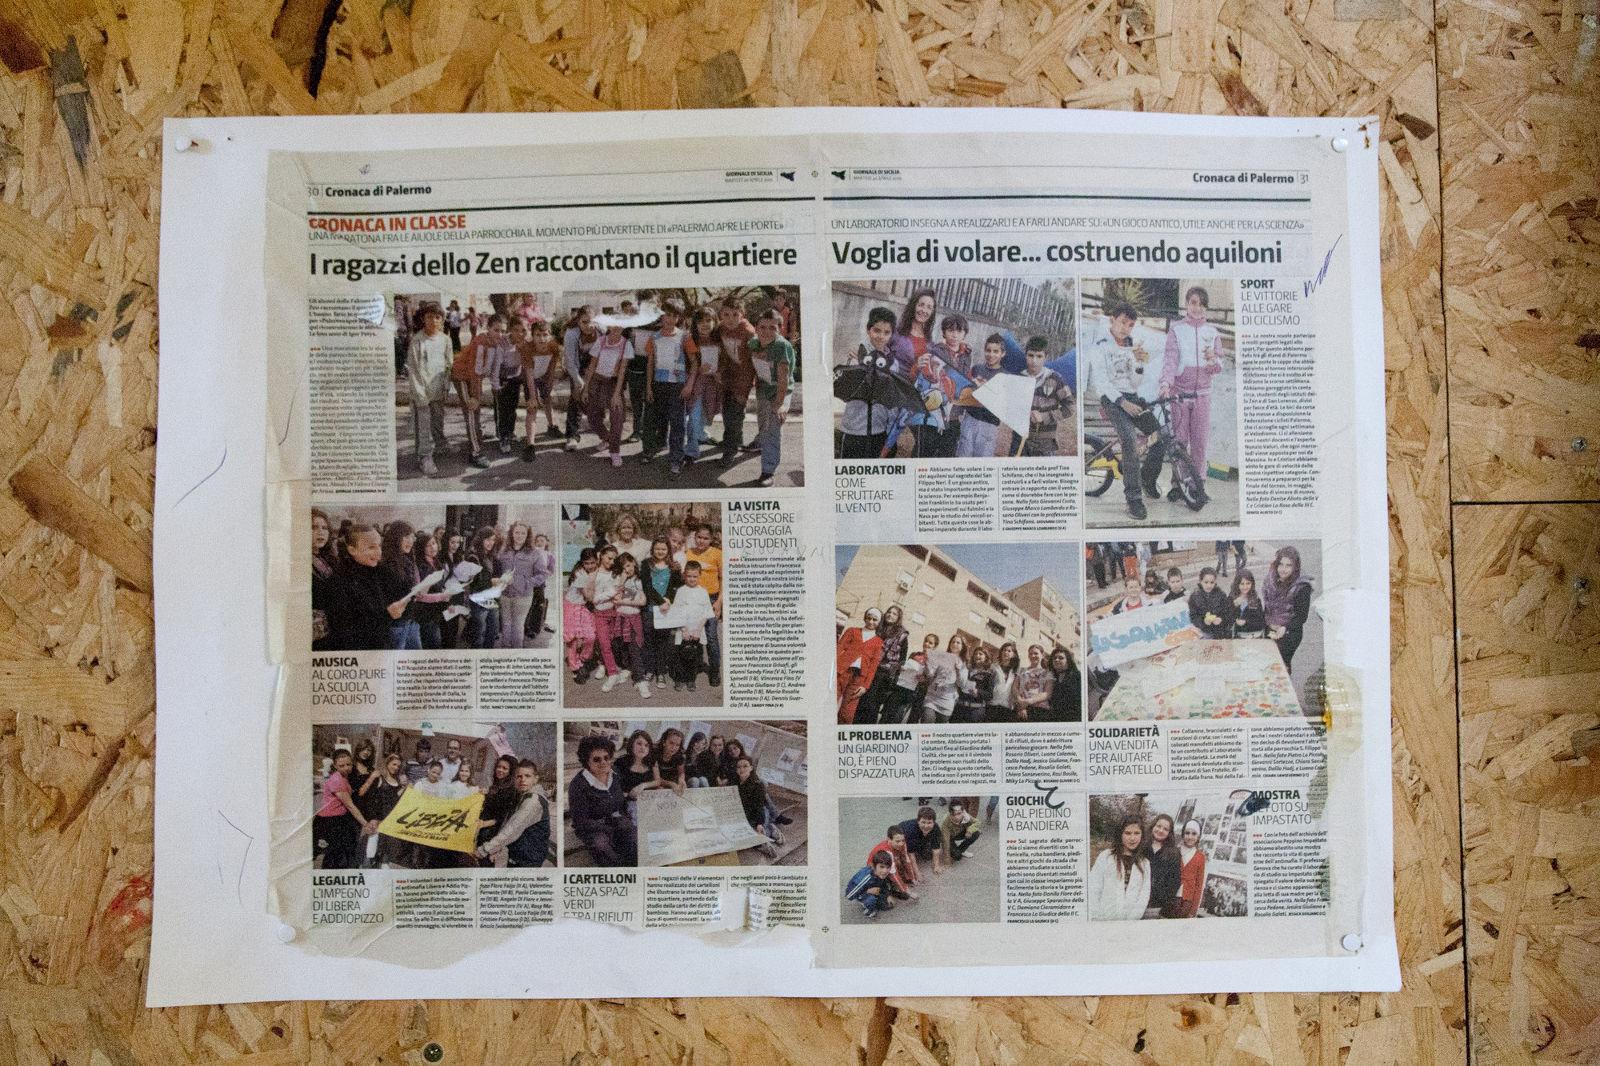 Università Cattolica e L'Albero della Vita insieme per un progetto di resilienza rivolto ai minori siriani in fuga